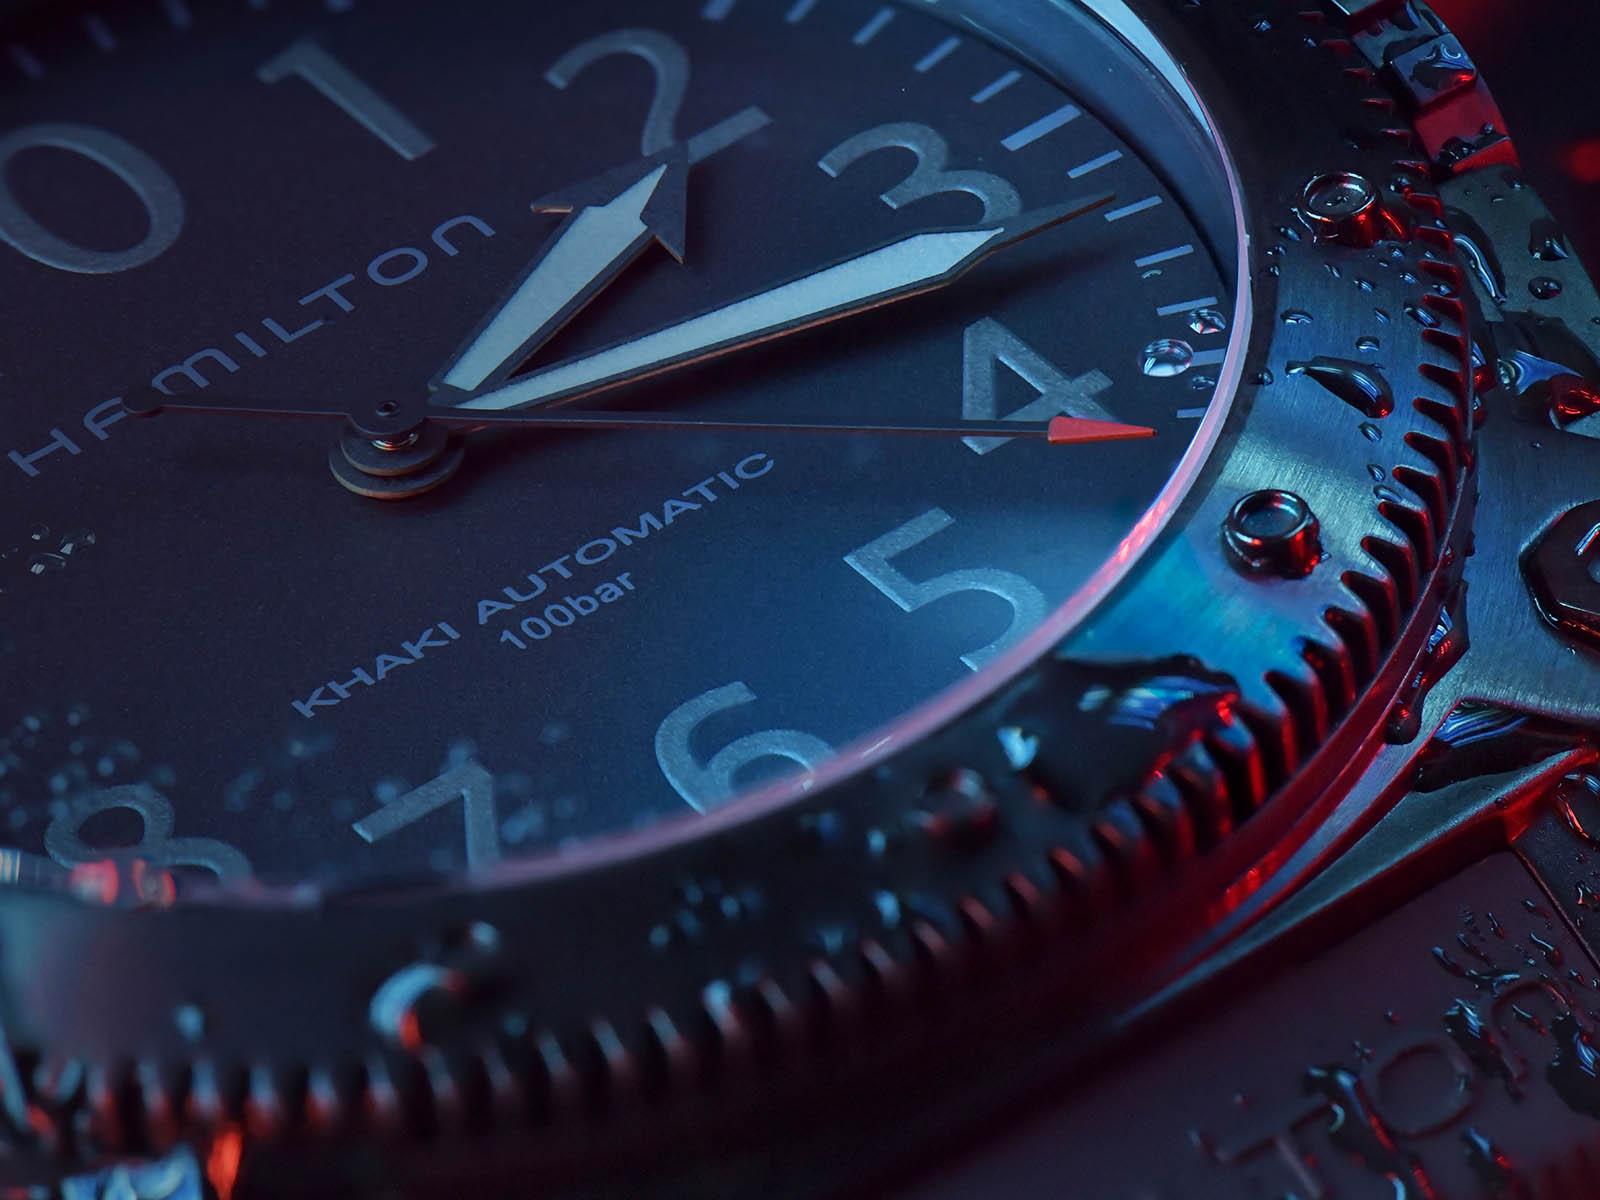 hamilton-khaki-navy-belowzero-11.jpg